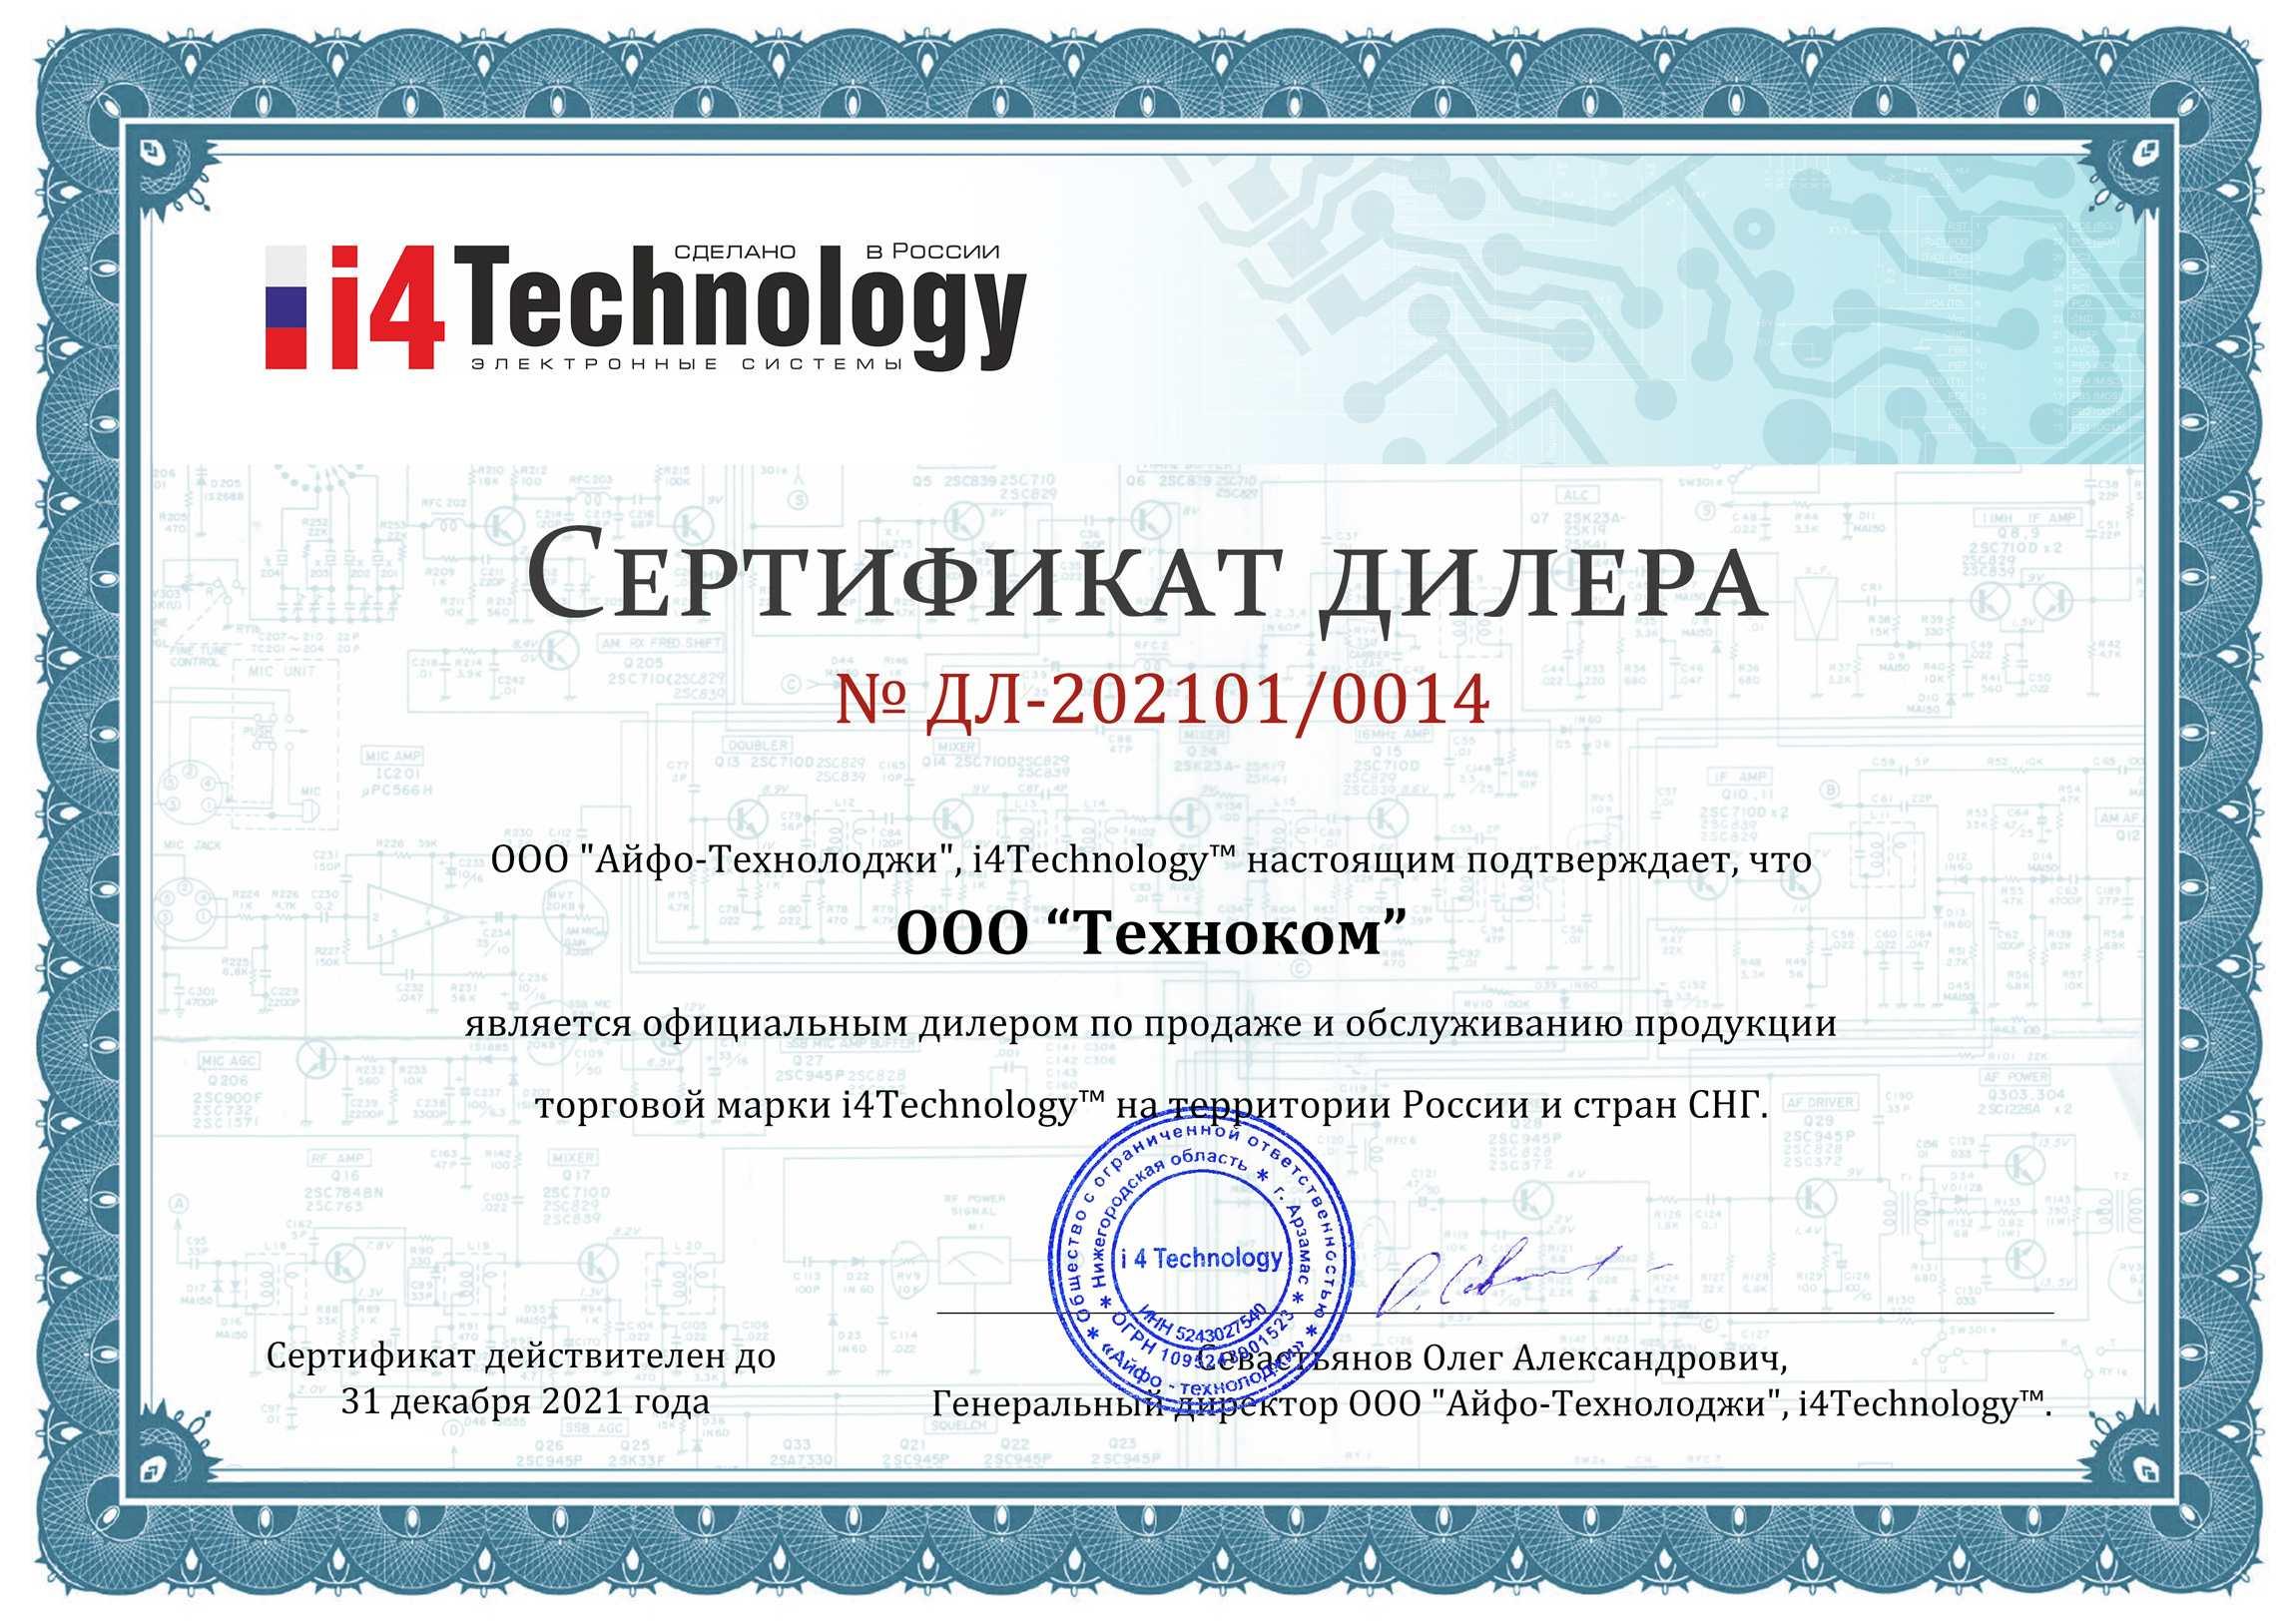 Сертификат официального дилера i4Technology